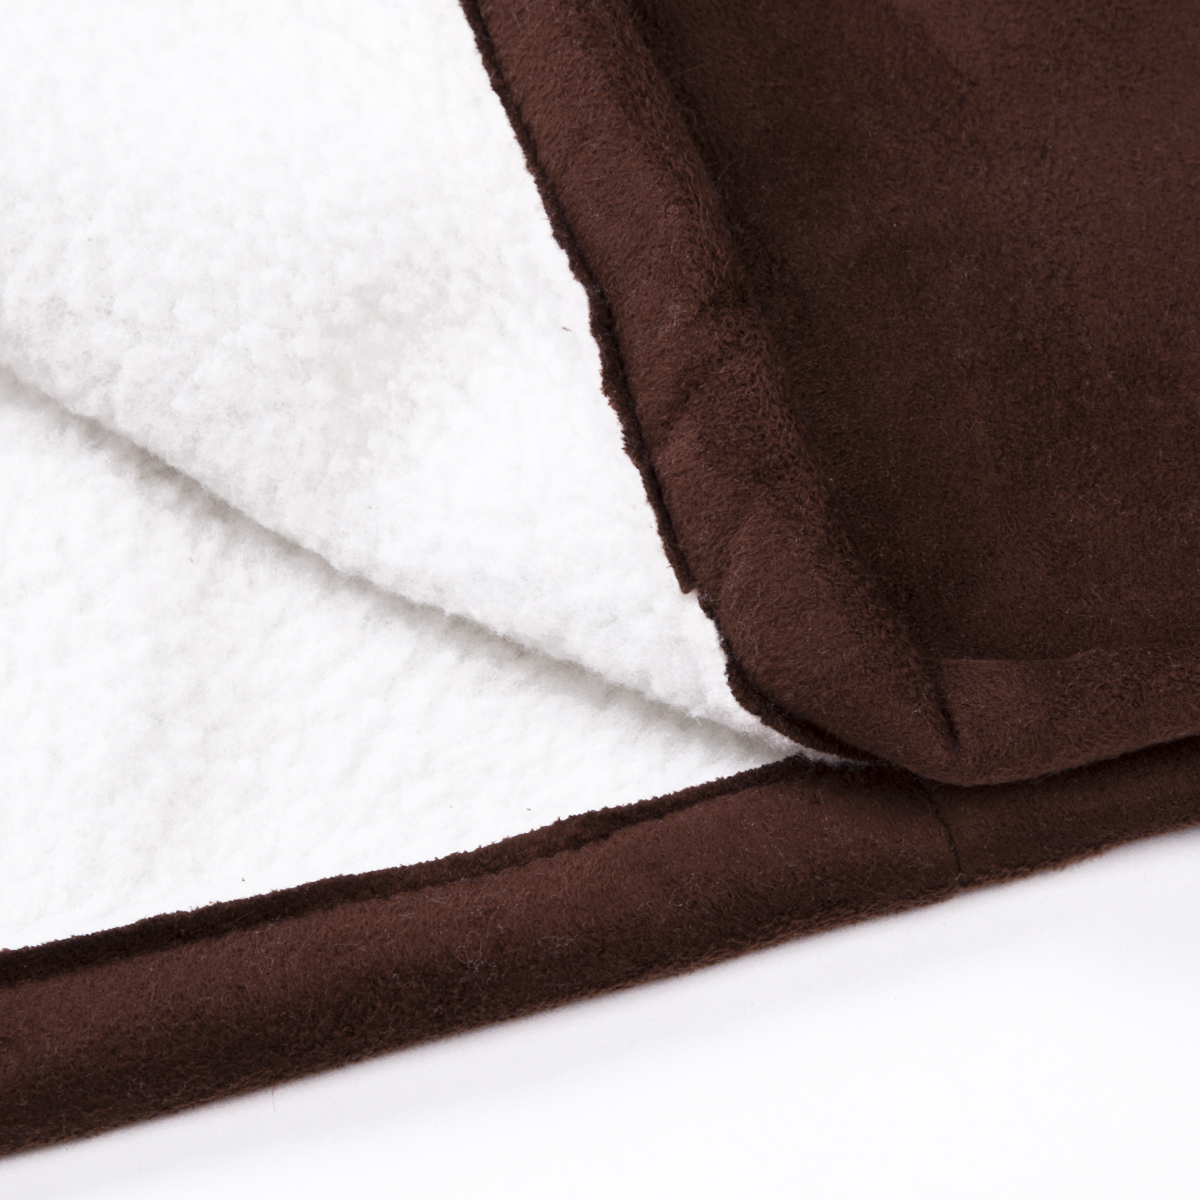 Men s Winter Warm Trench Windproof Fur Fleece Long Coat Overcoat Lapel Warm Fluffy Jacket Buttons Men's Winter Warm Trench Windproof Fur Fleece Long Coat Overcoat Lapel Warm Fluffy Jacket Buttons Outerwear Plus Size Coat